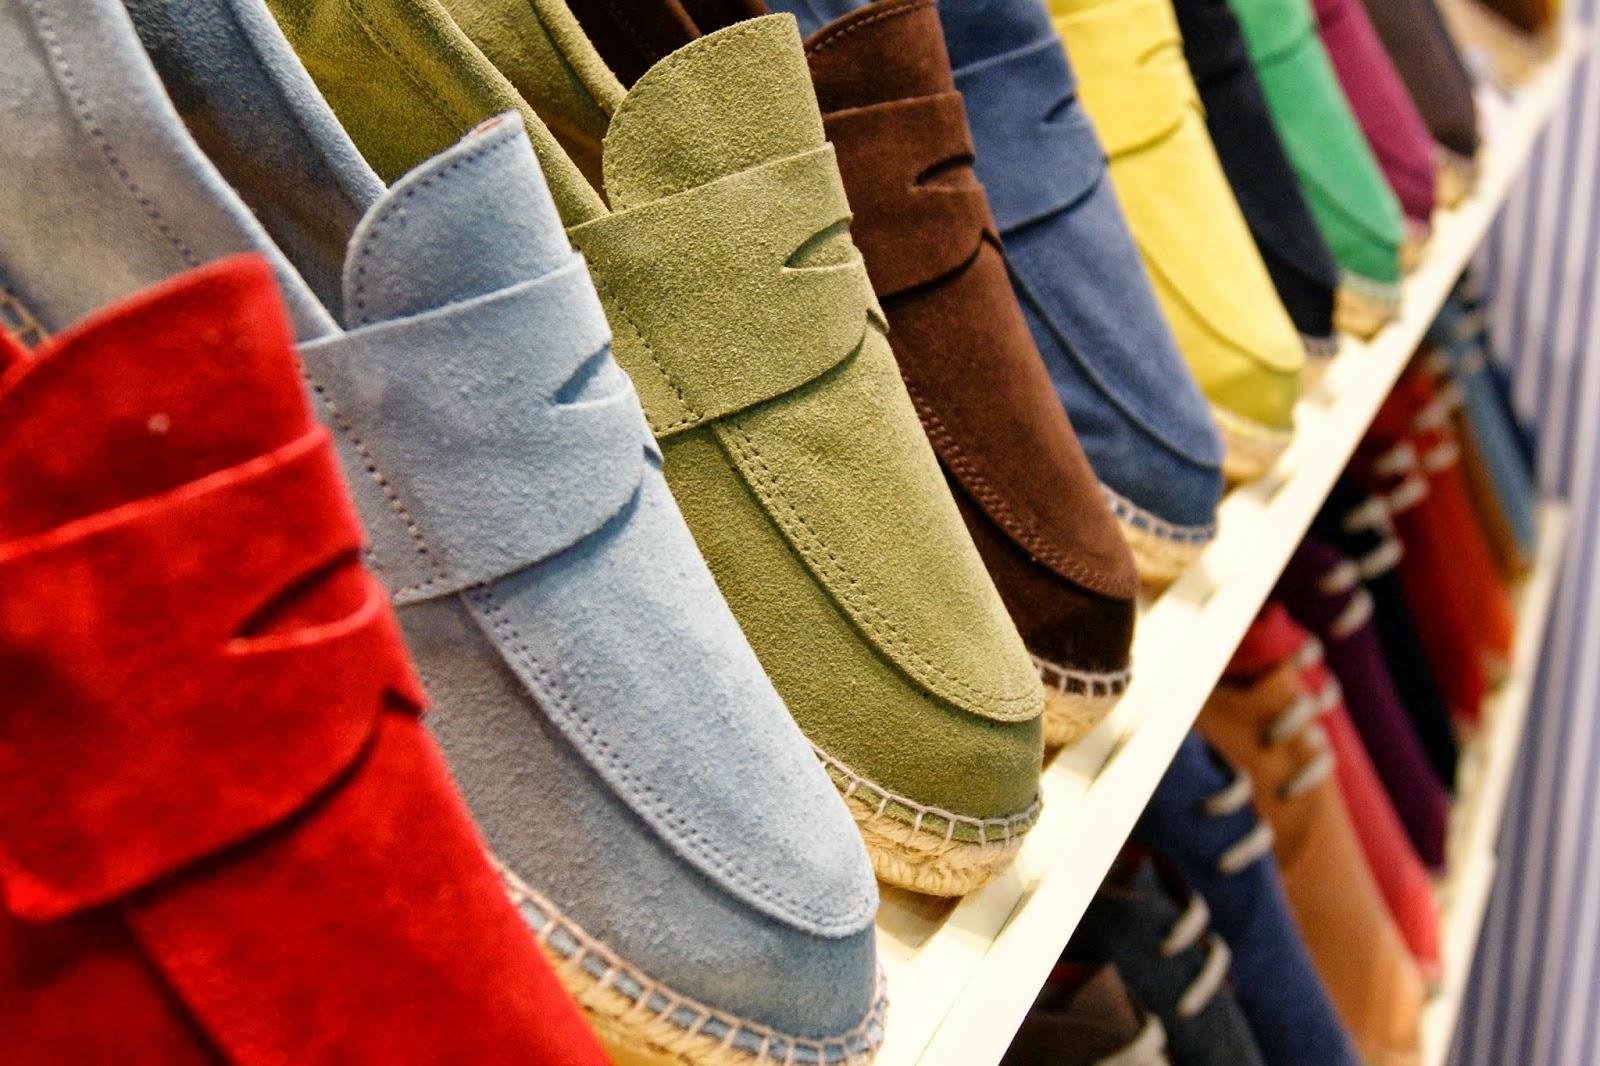 La mezcla perfecta entre mocasín y alpargata, en diferentes colores para elegir. Foto: Abarca Blogspot.